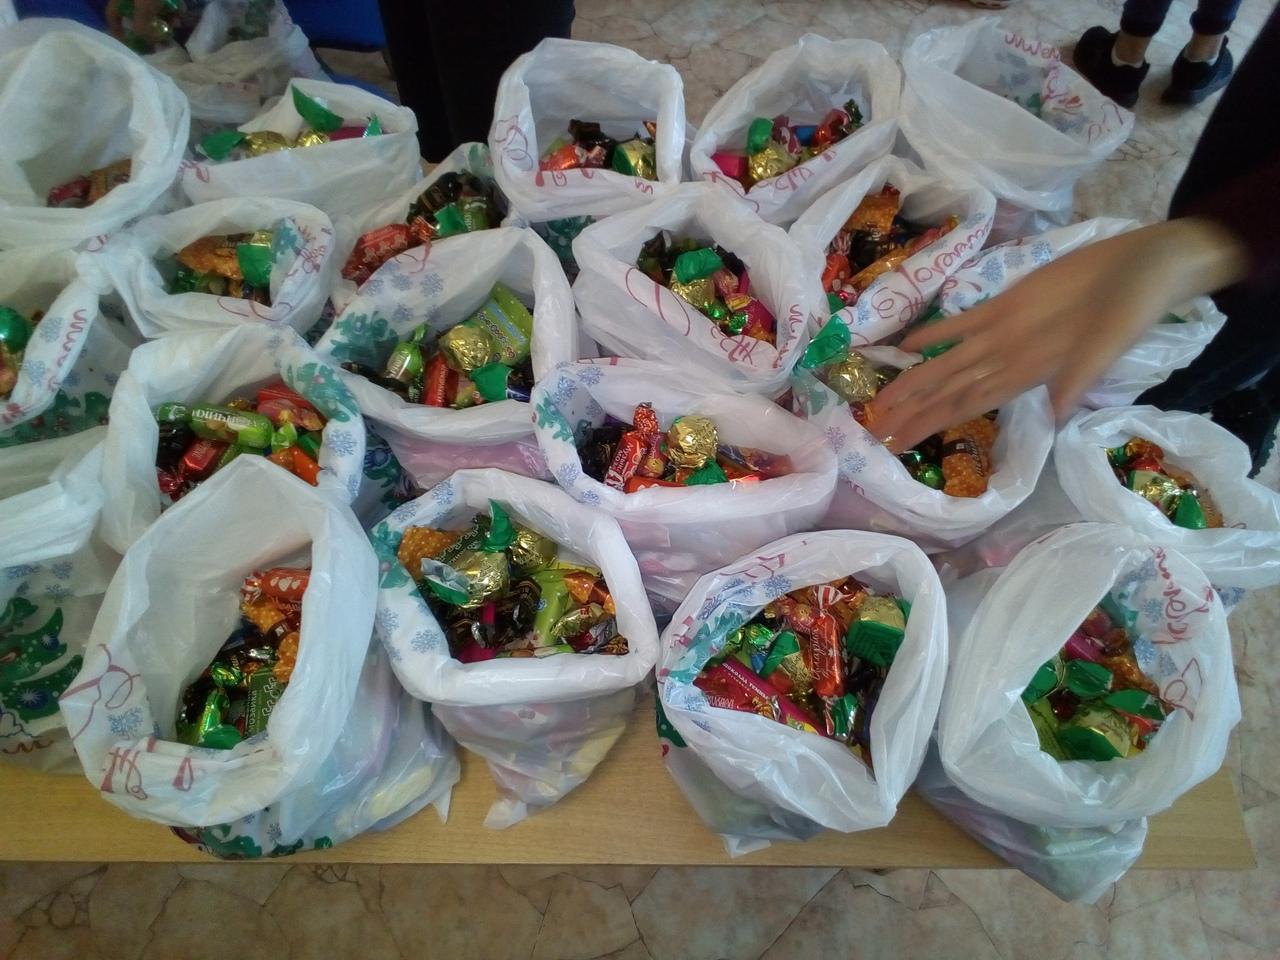 Студенты ВЭК приняли активное участие в приобретении и отправке новогодних подарков детям юго-восточных районов Донецкой и Луганской областей Украины